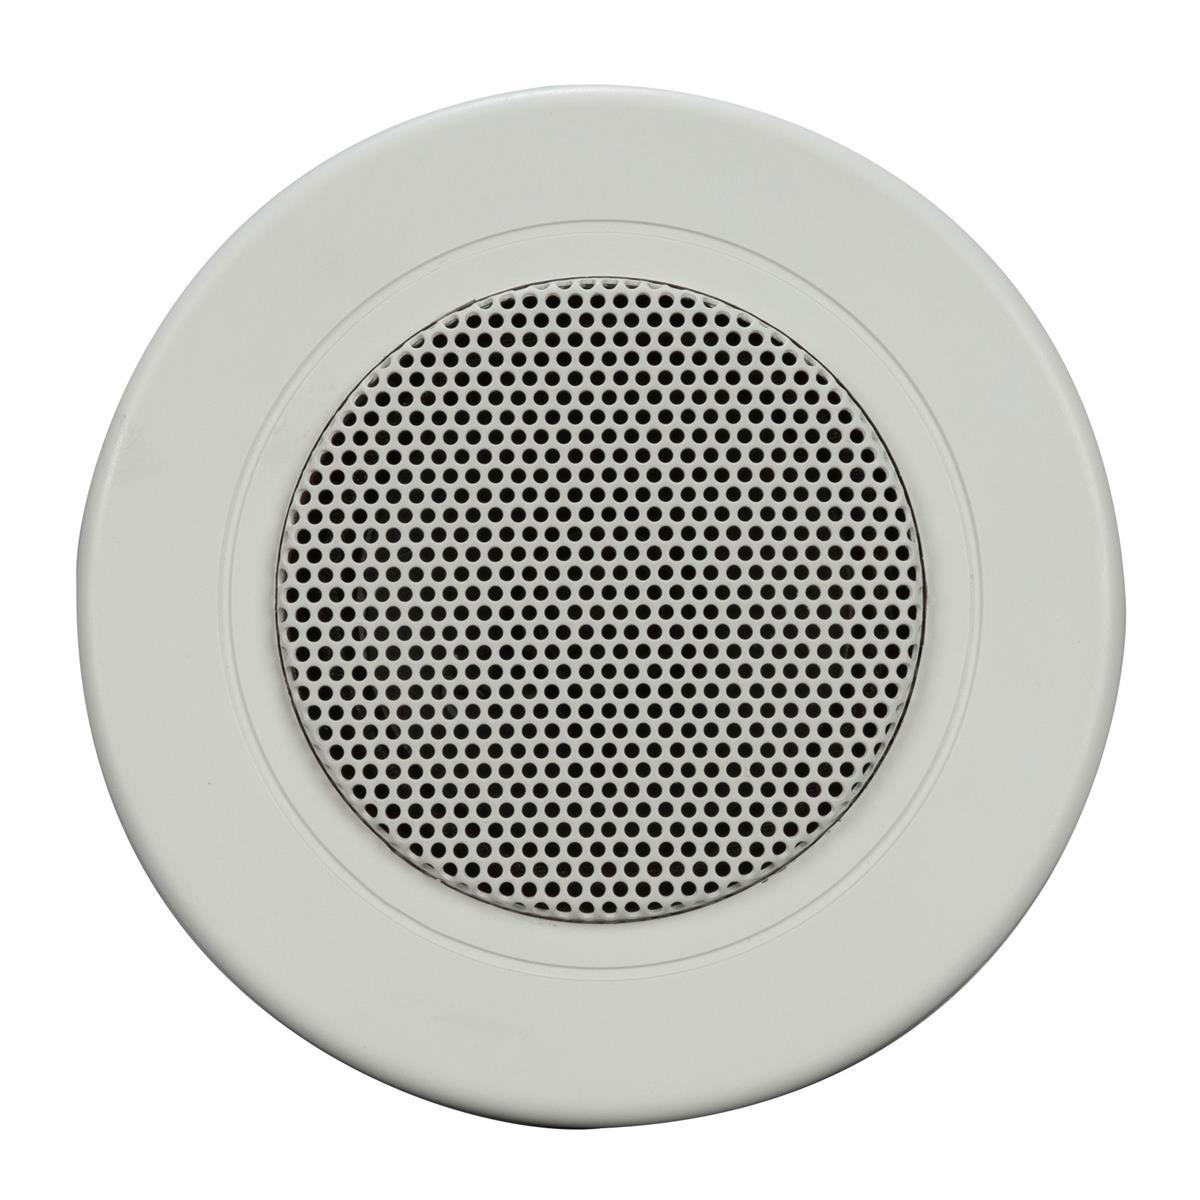 RCF White frame Spot-Light ceiling speaker; 6W, 70-100V, HI-